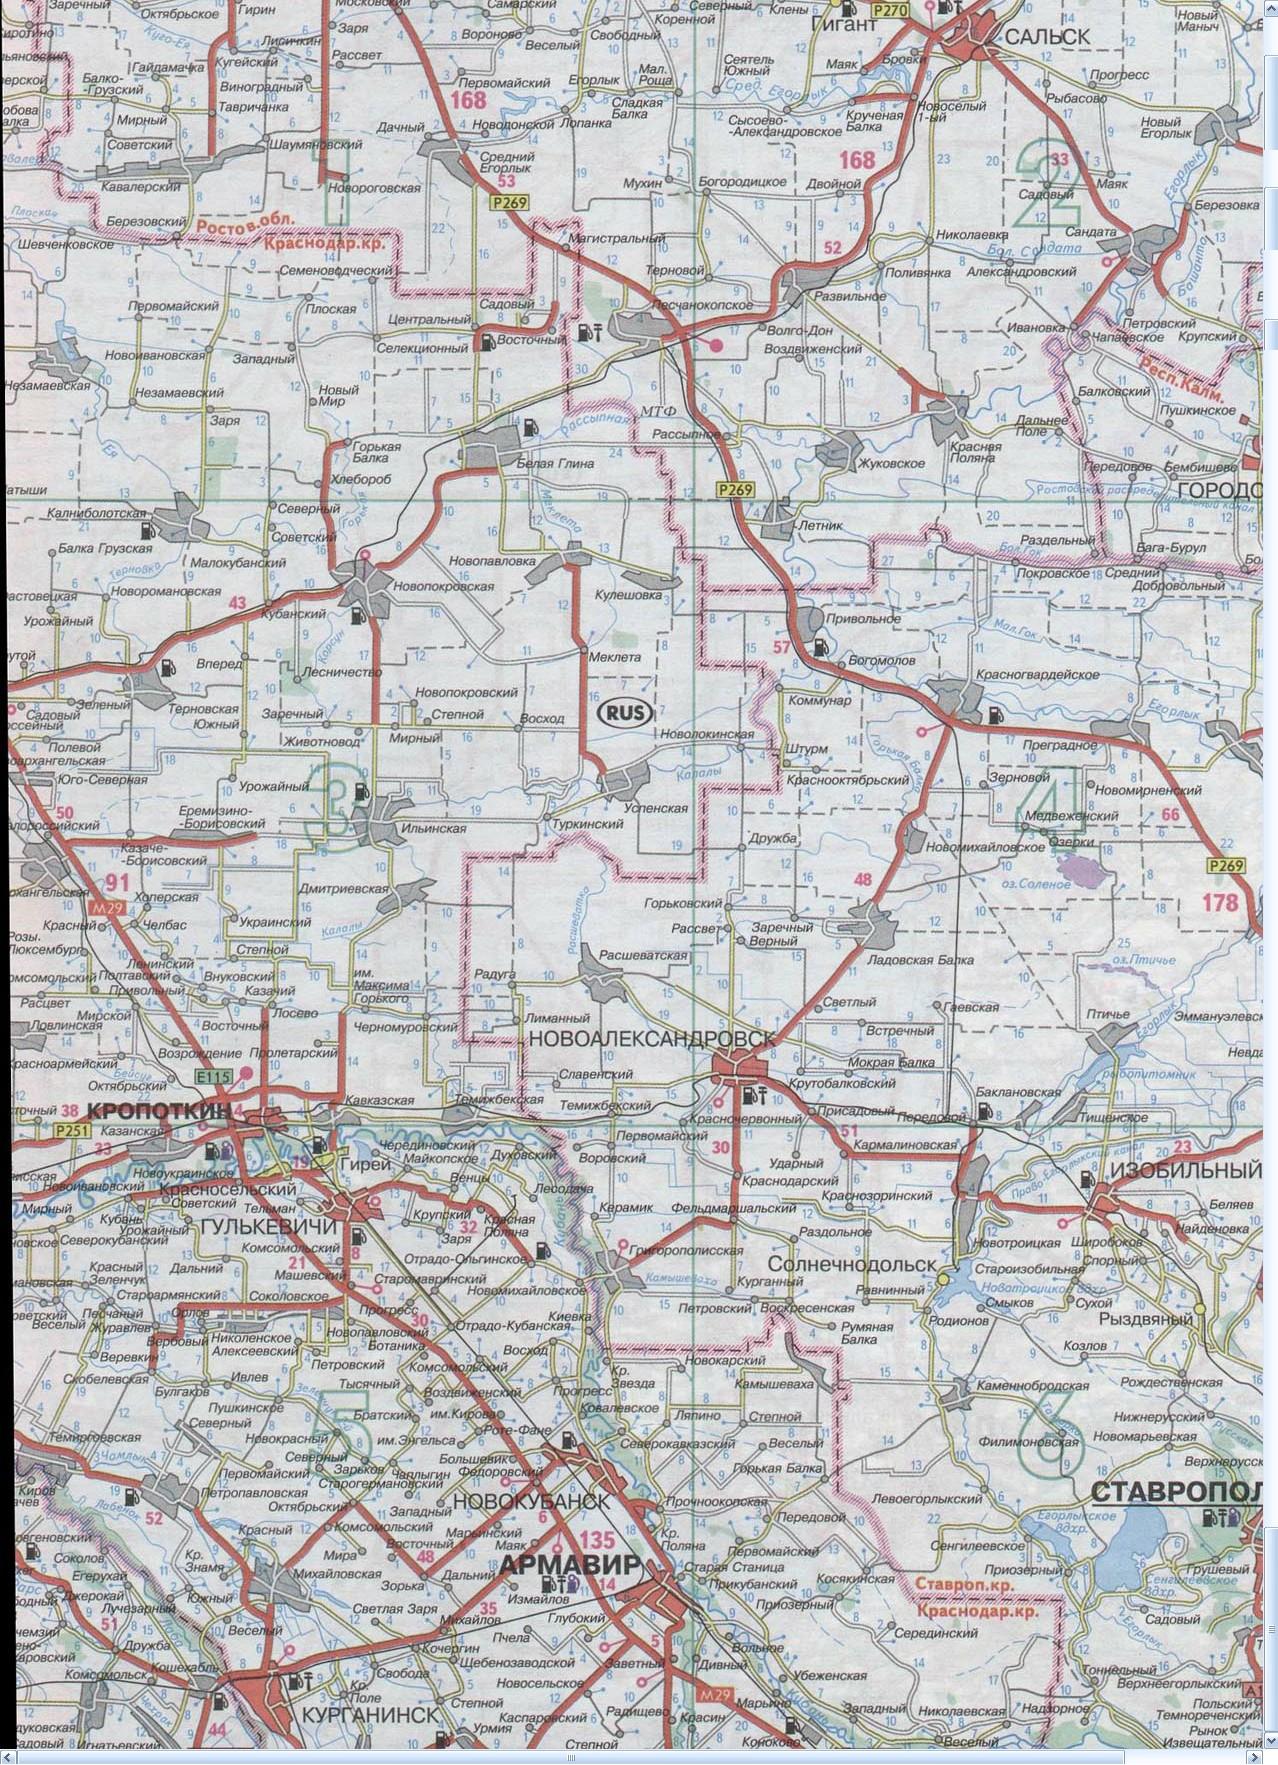 карта дорог Армавир, Ставрополь, Изобильный, Кропоткин